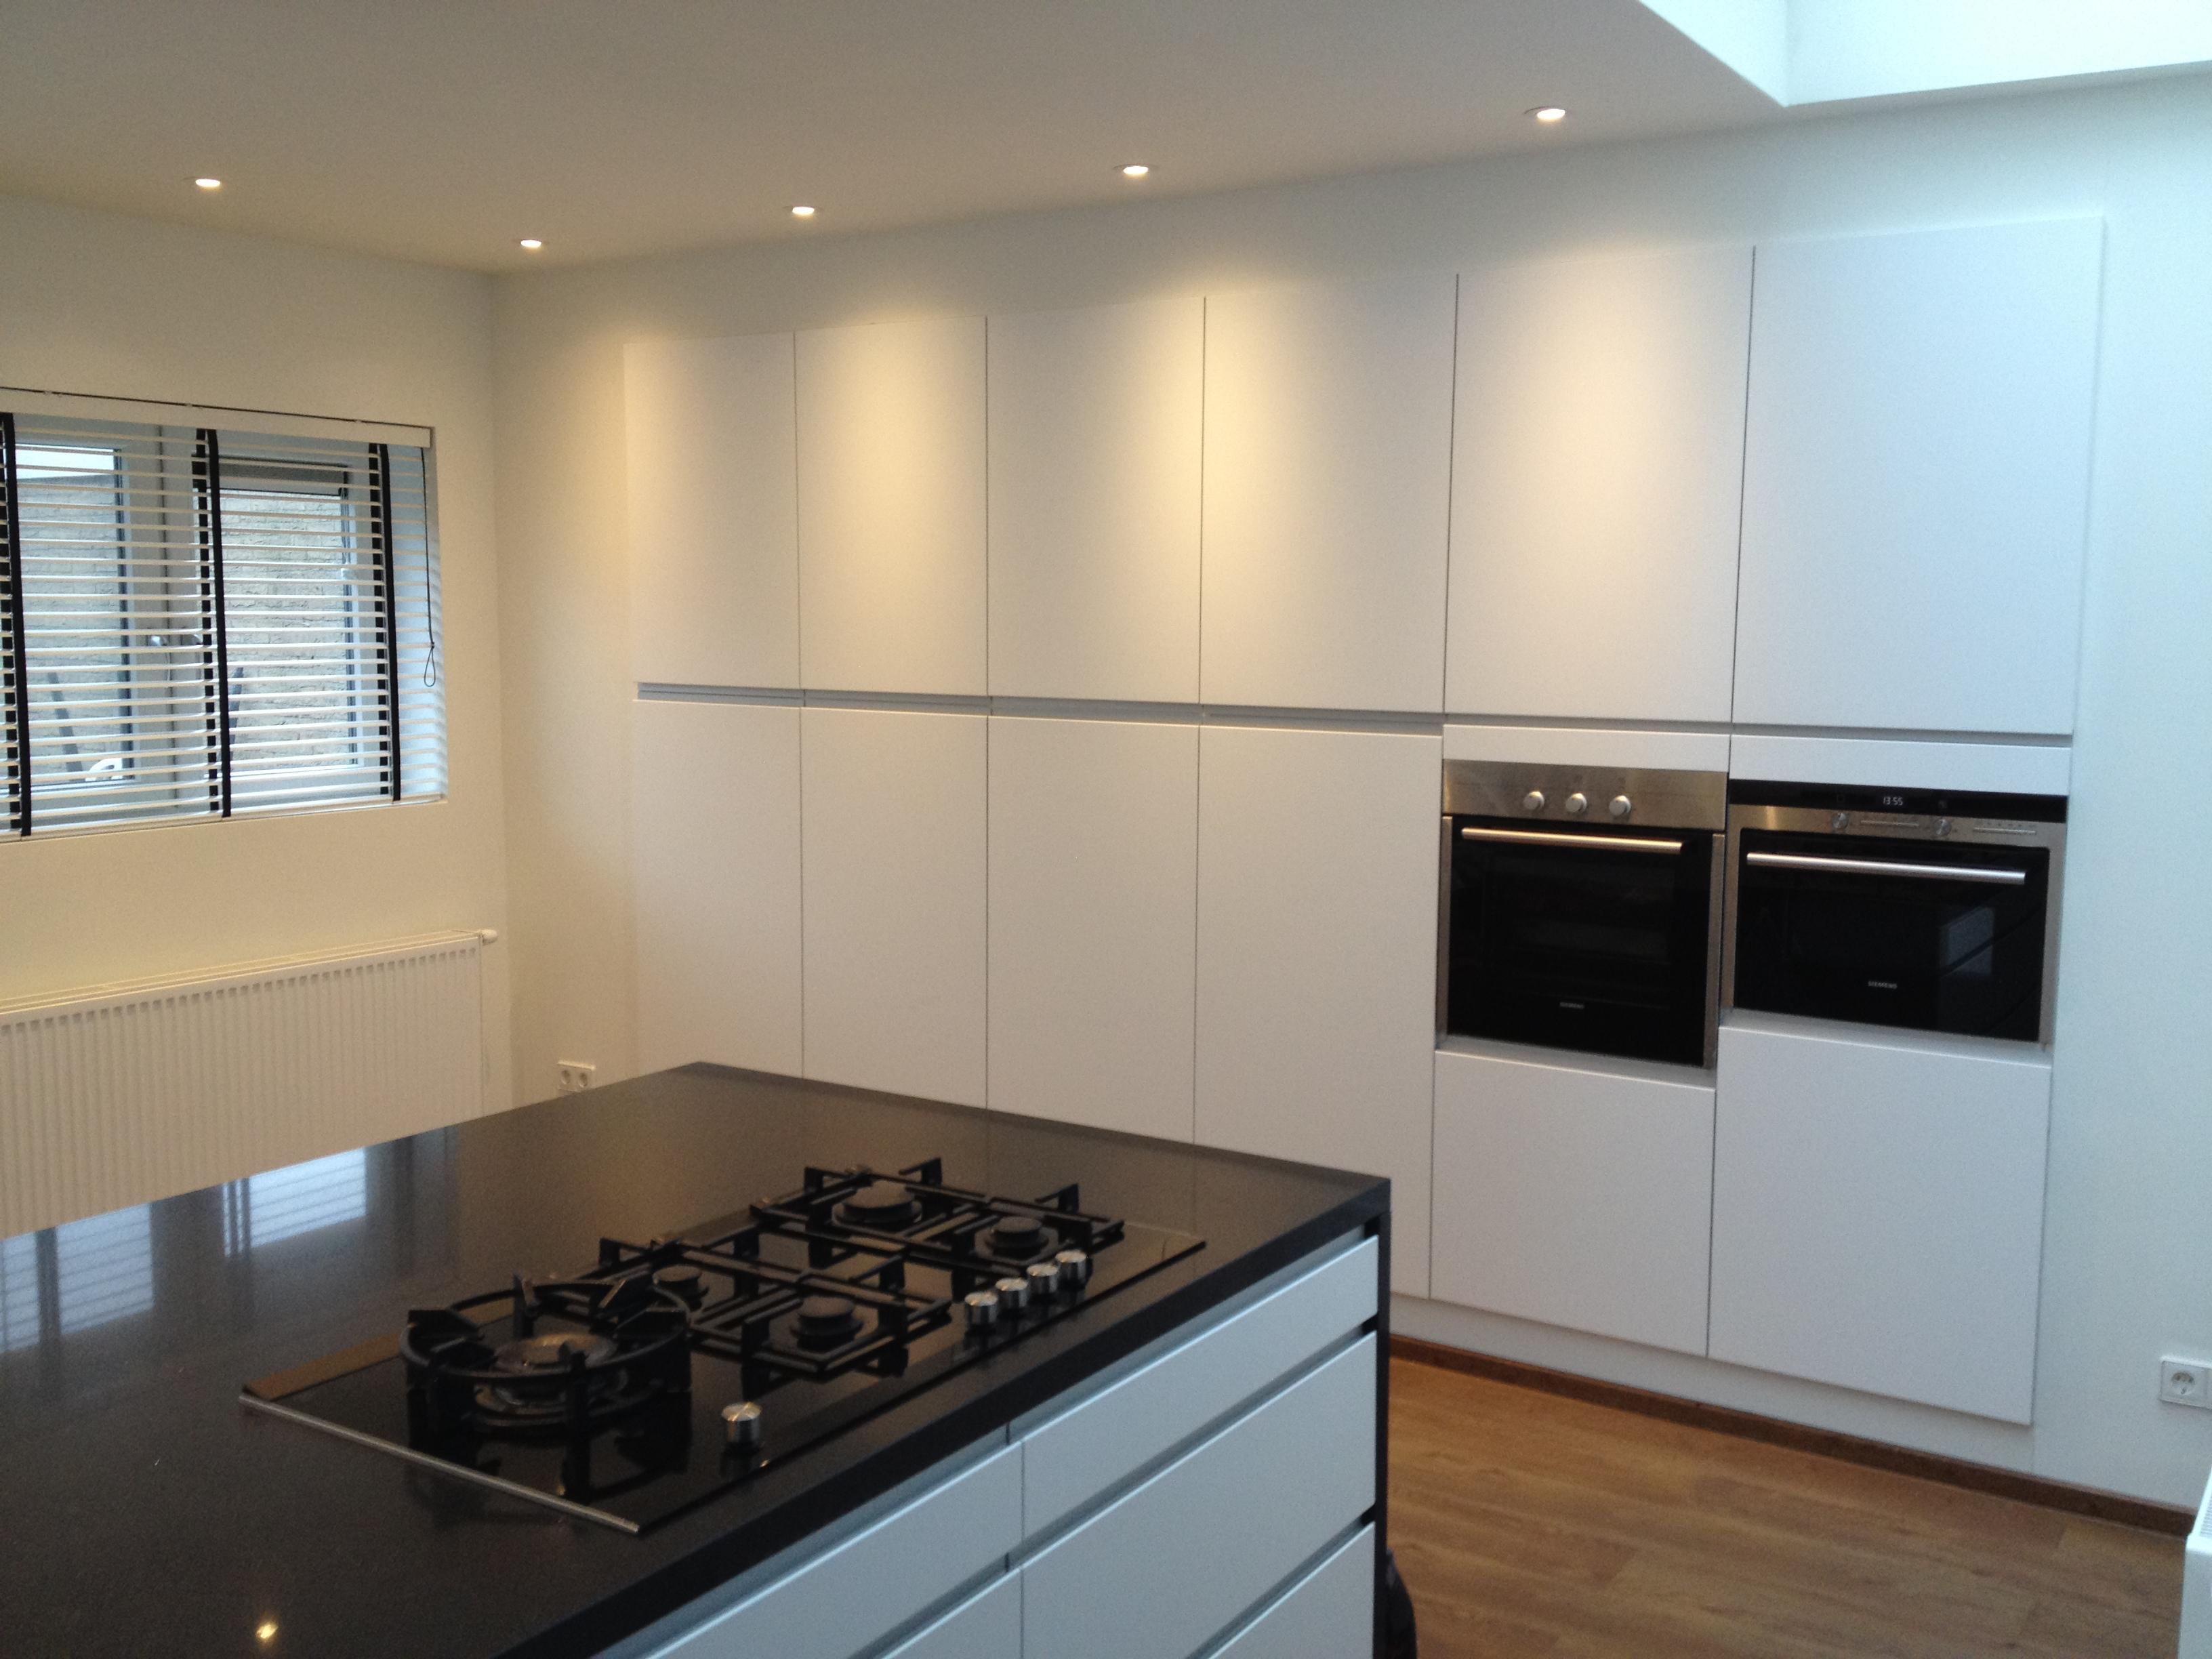 Keuken Ikea Moderne : Keukens ikea voorbeelden